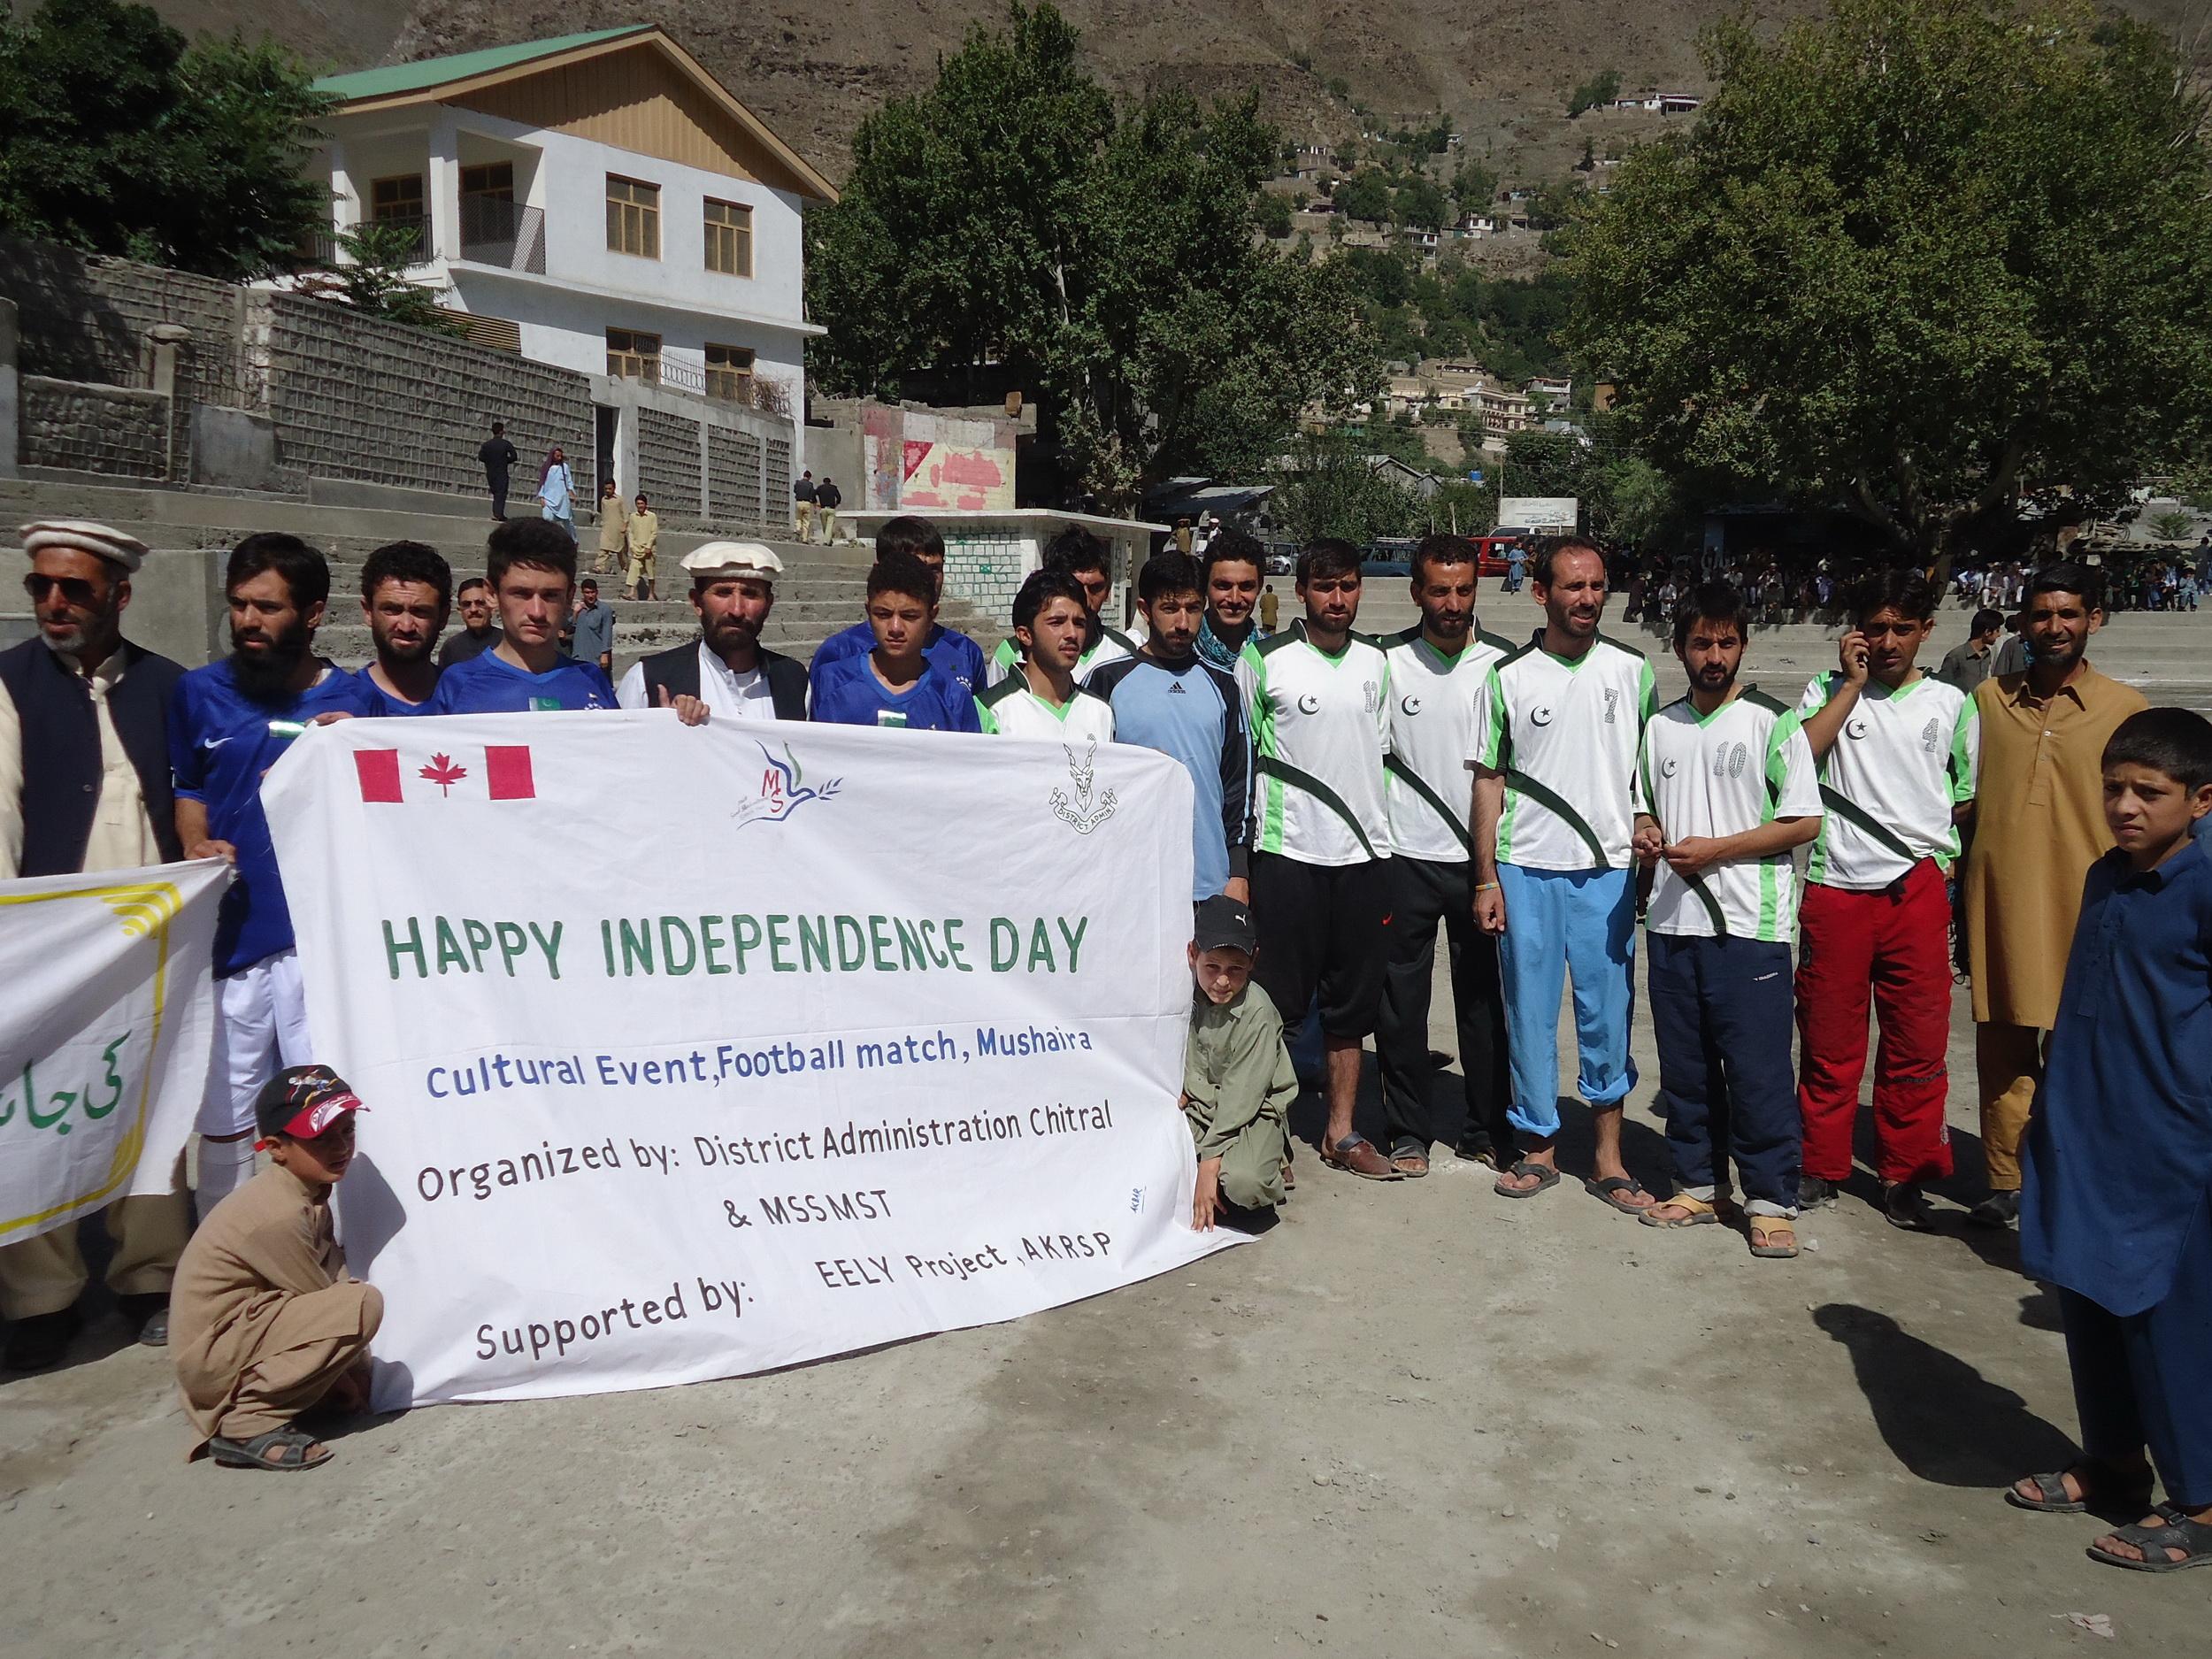 چترال میں یوم آزادی کے موقعے پر فٹبال ٹورنامنٹ کا انعقاد